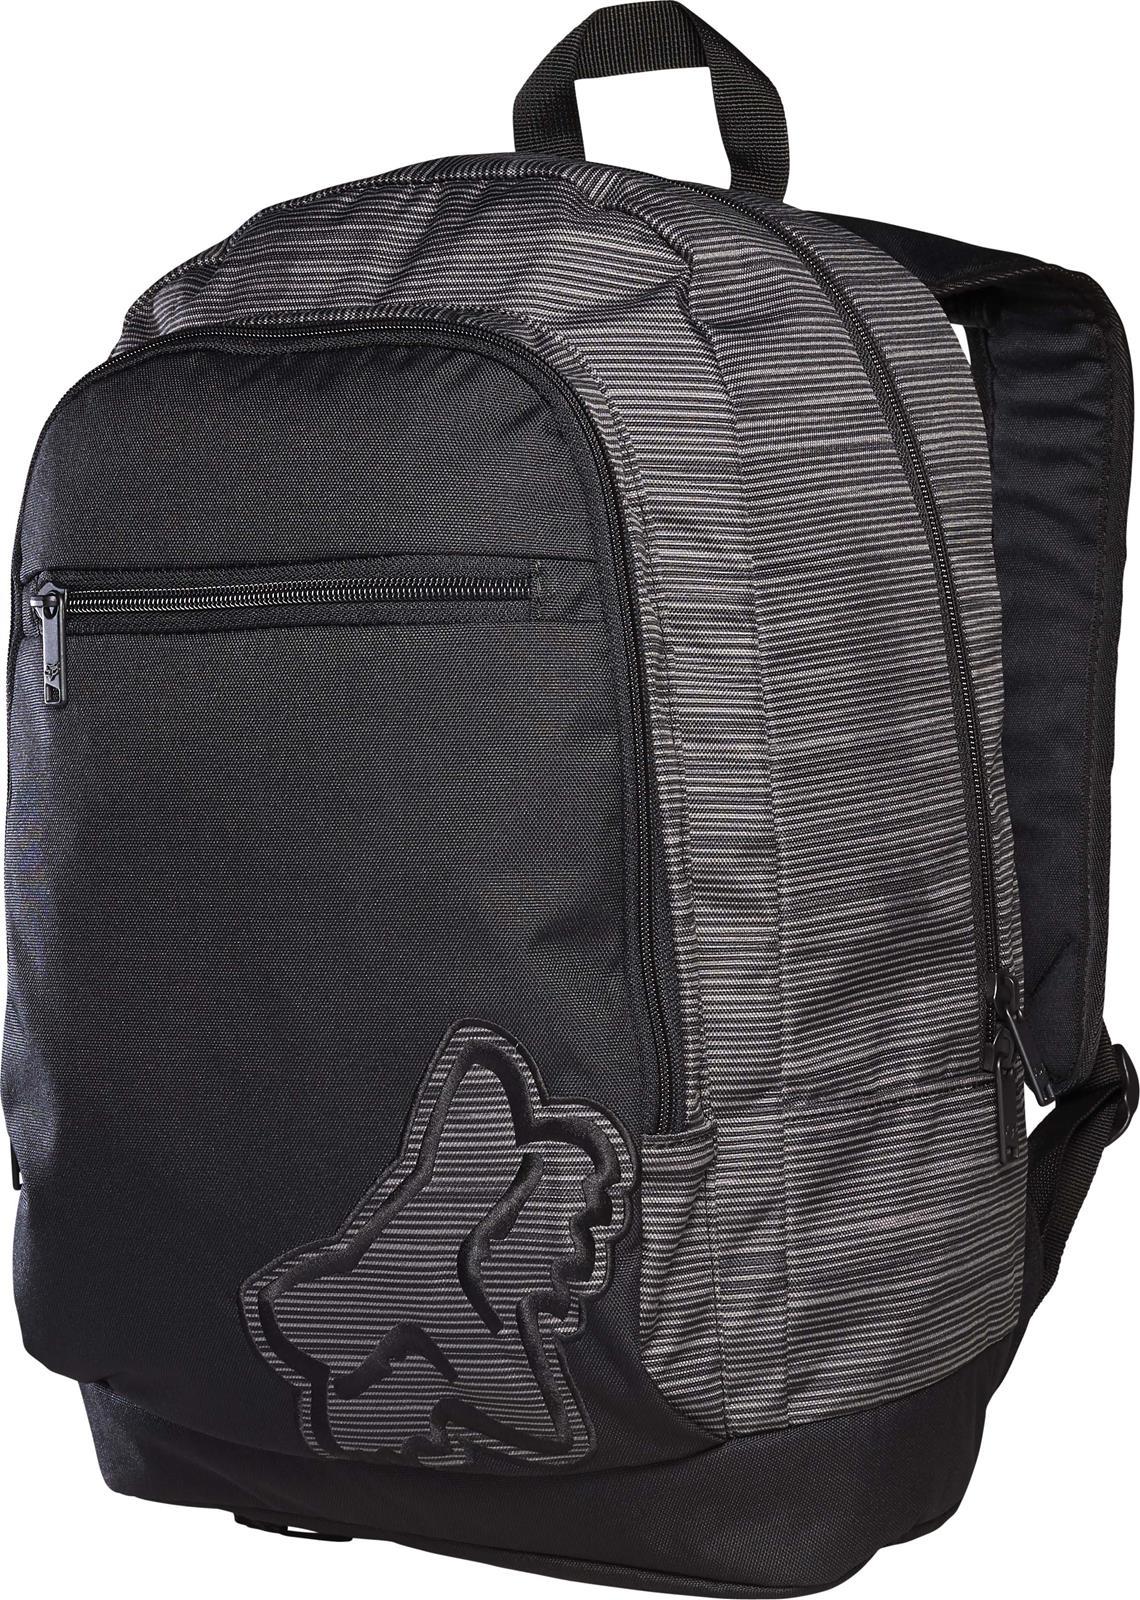 mochila fox sierks predictive backpack capacidad de 24,9 litros